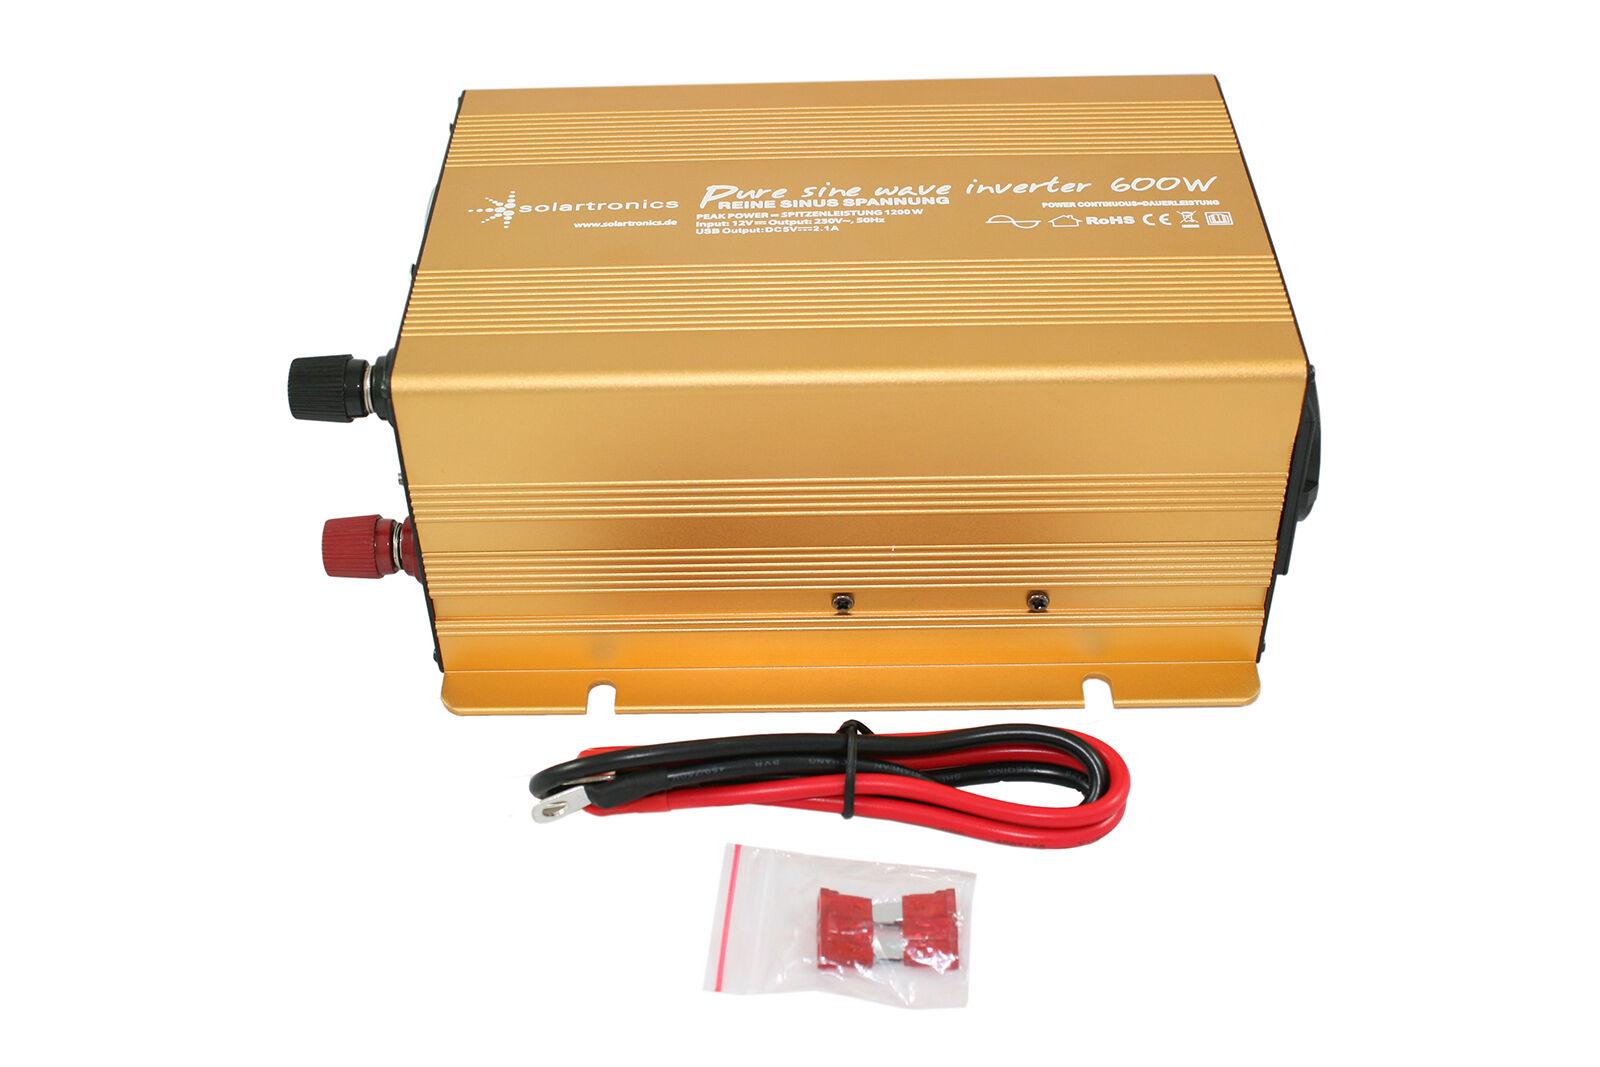 Spannungswandler Auto Kühlschrank : Spannungswandler wechselrichter watt v v reiner